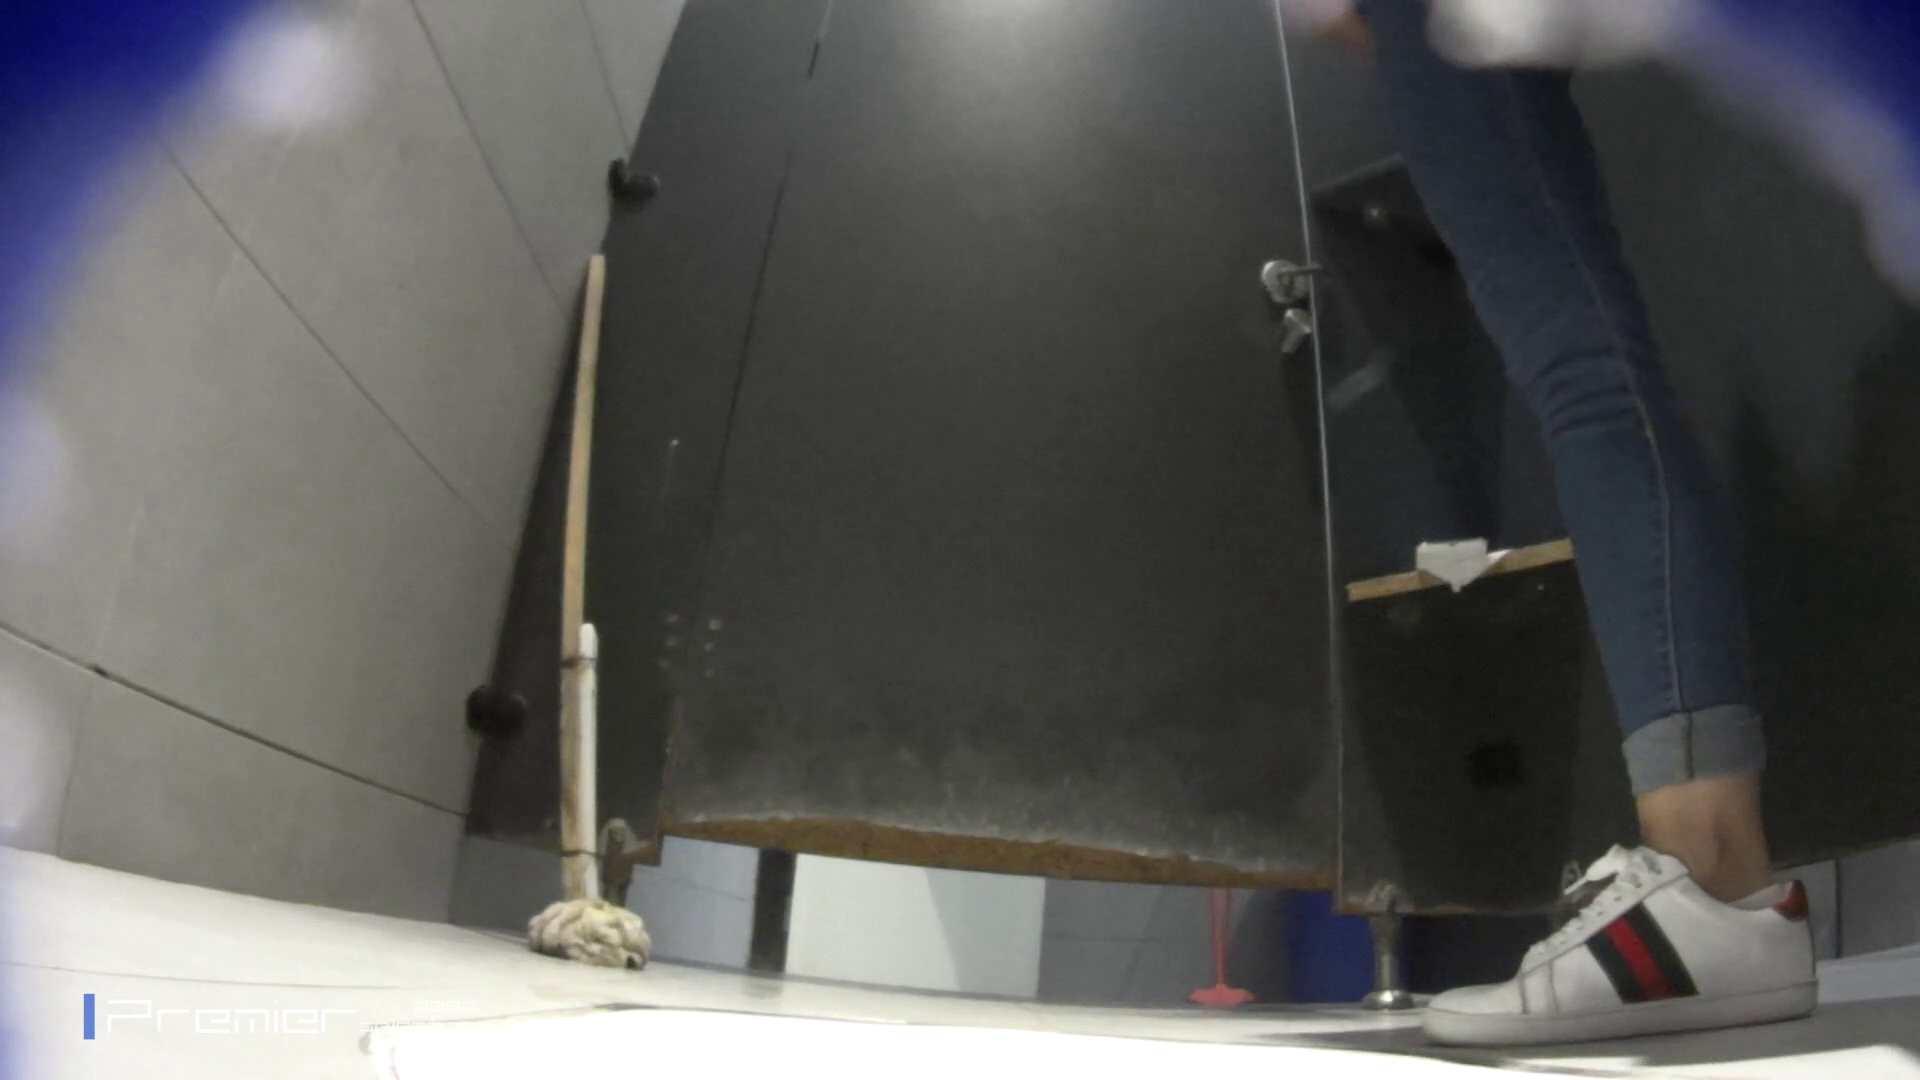 派手なスニーカーの女の子 大学休憩時間の洗面所事情63 高評価 エロ画像 89画像 20